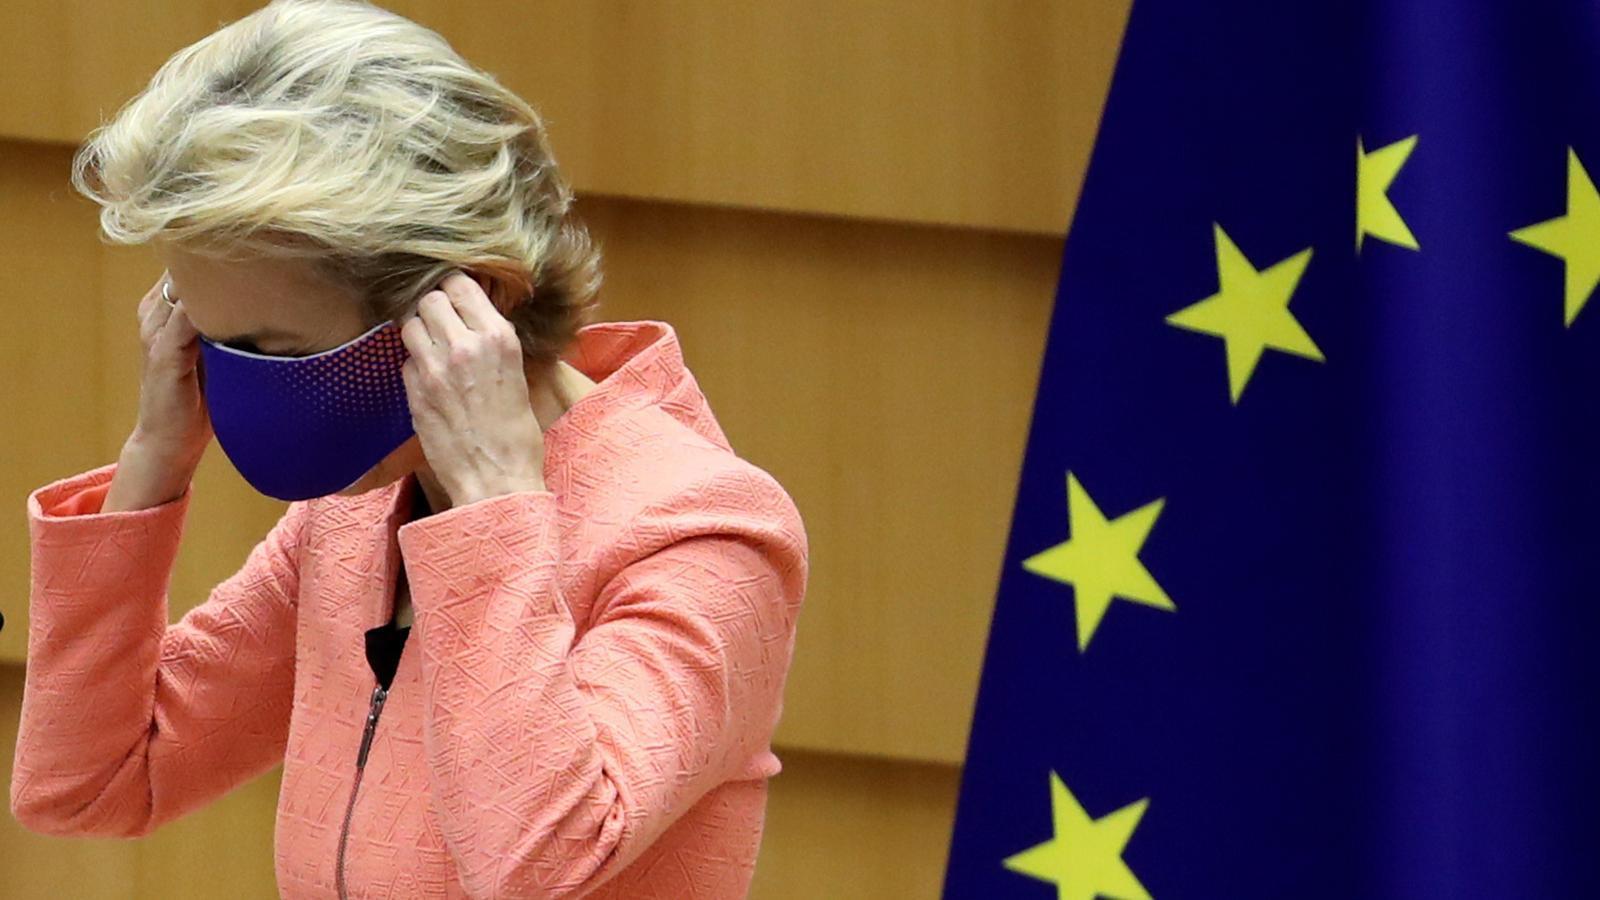 Ursula Von der Leyen col·locant-se la mascareta contra el coronavirus, en el seu primer discurs sobre l'estat de la Unió al Parlament Europeu de Brussel·les